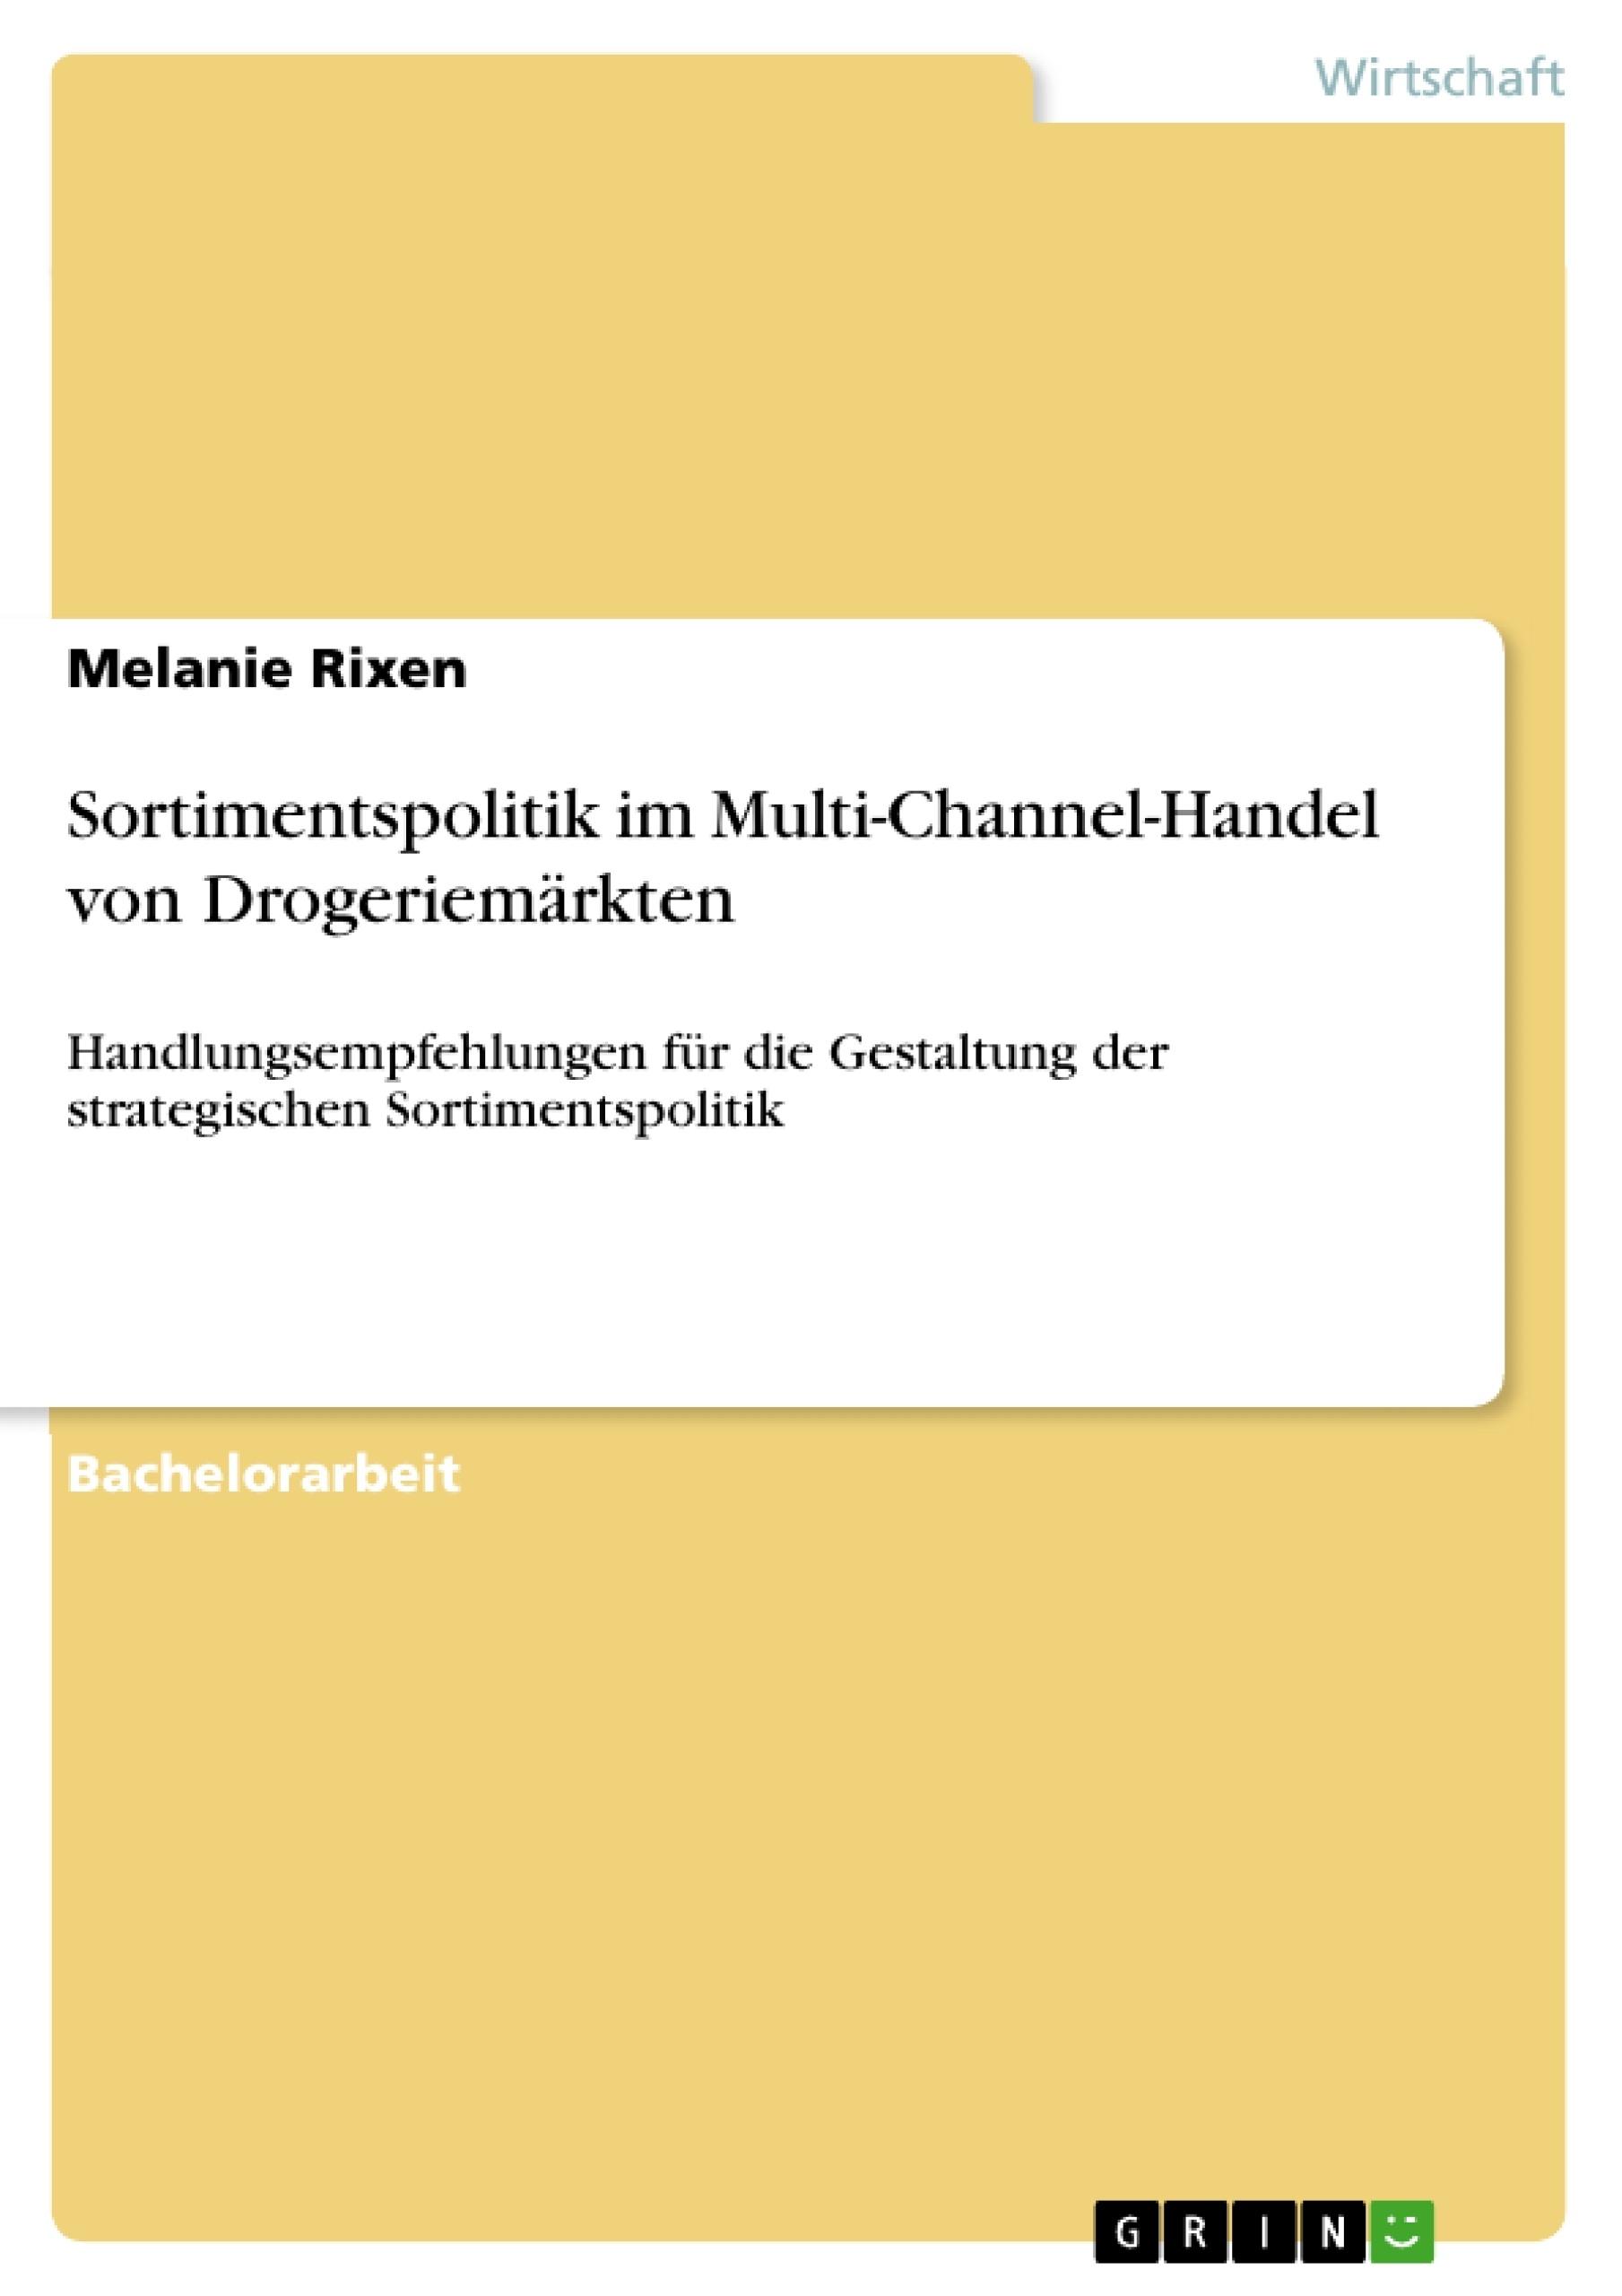 Titel: Sortimentspolitik im Multi-Channel-Handel von Drogeriemärkten